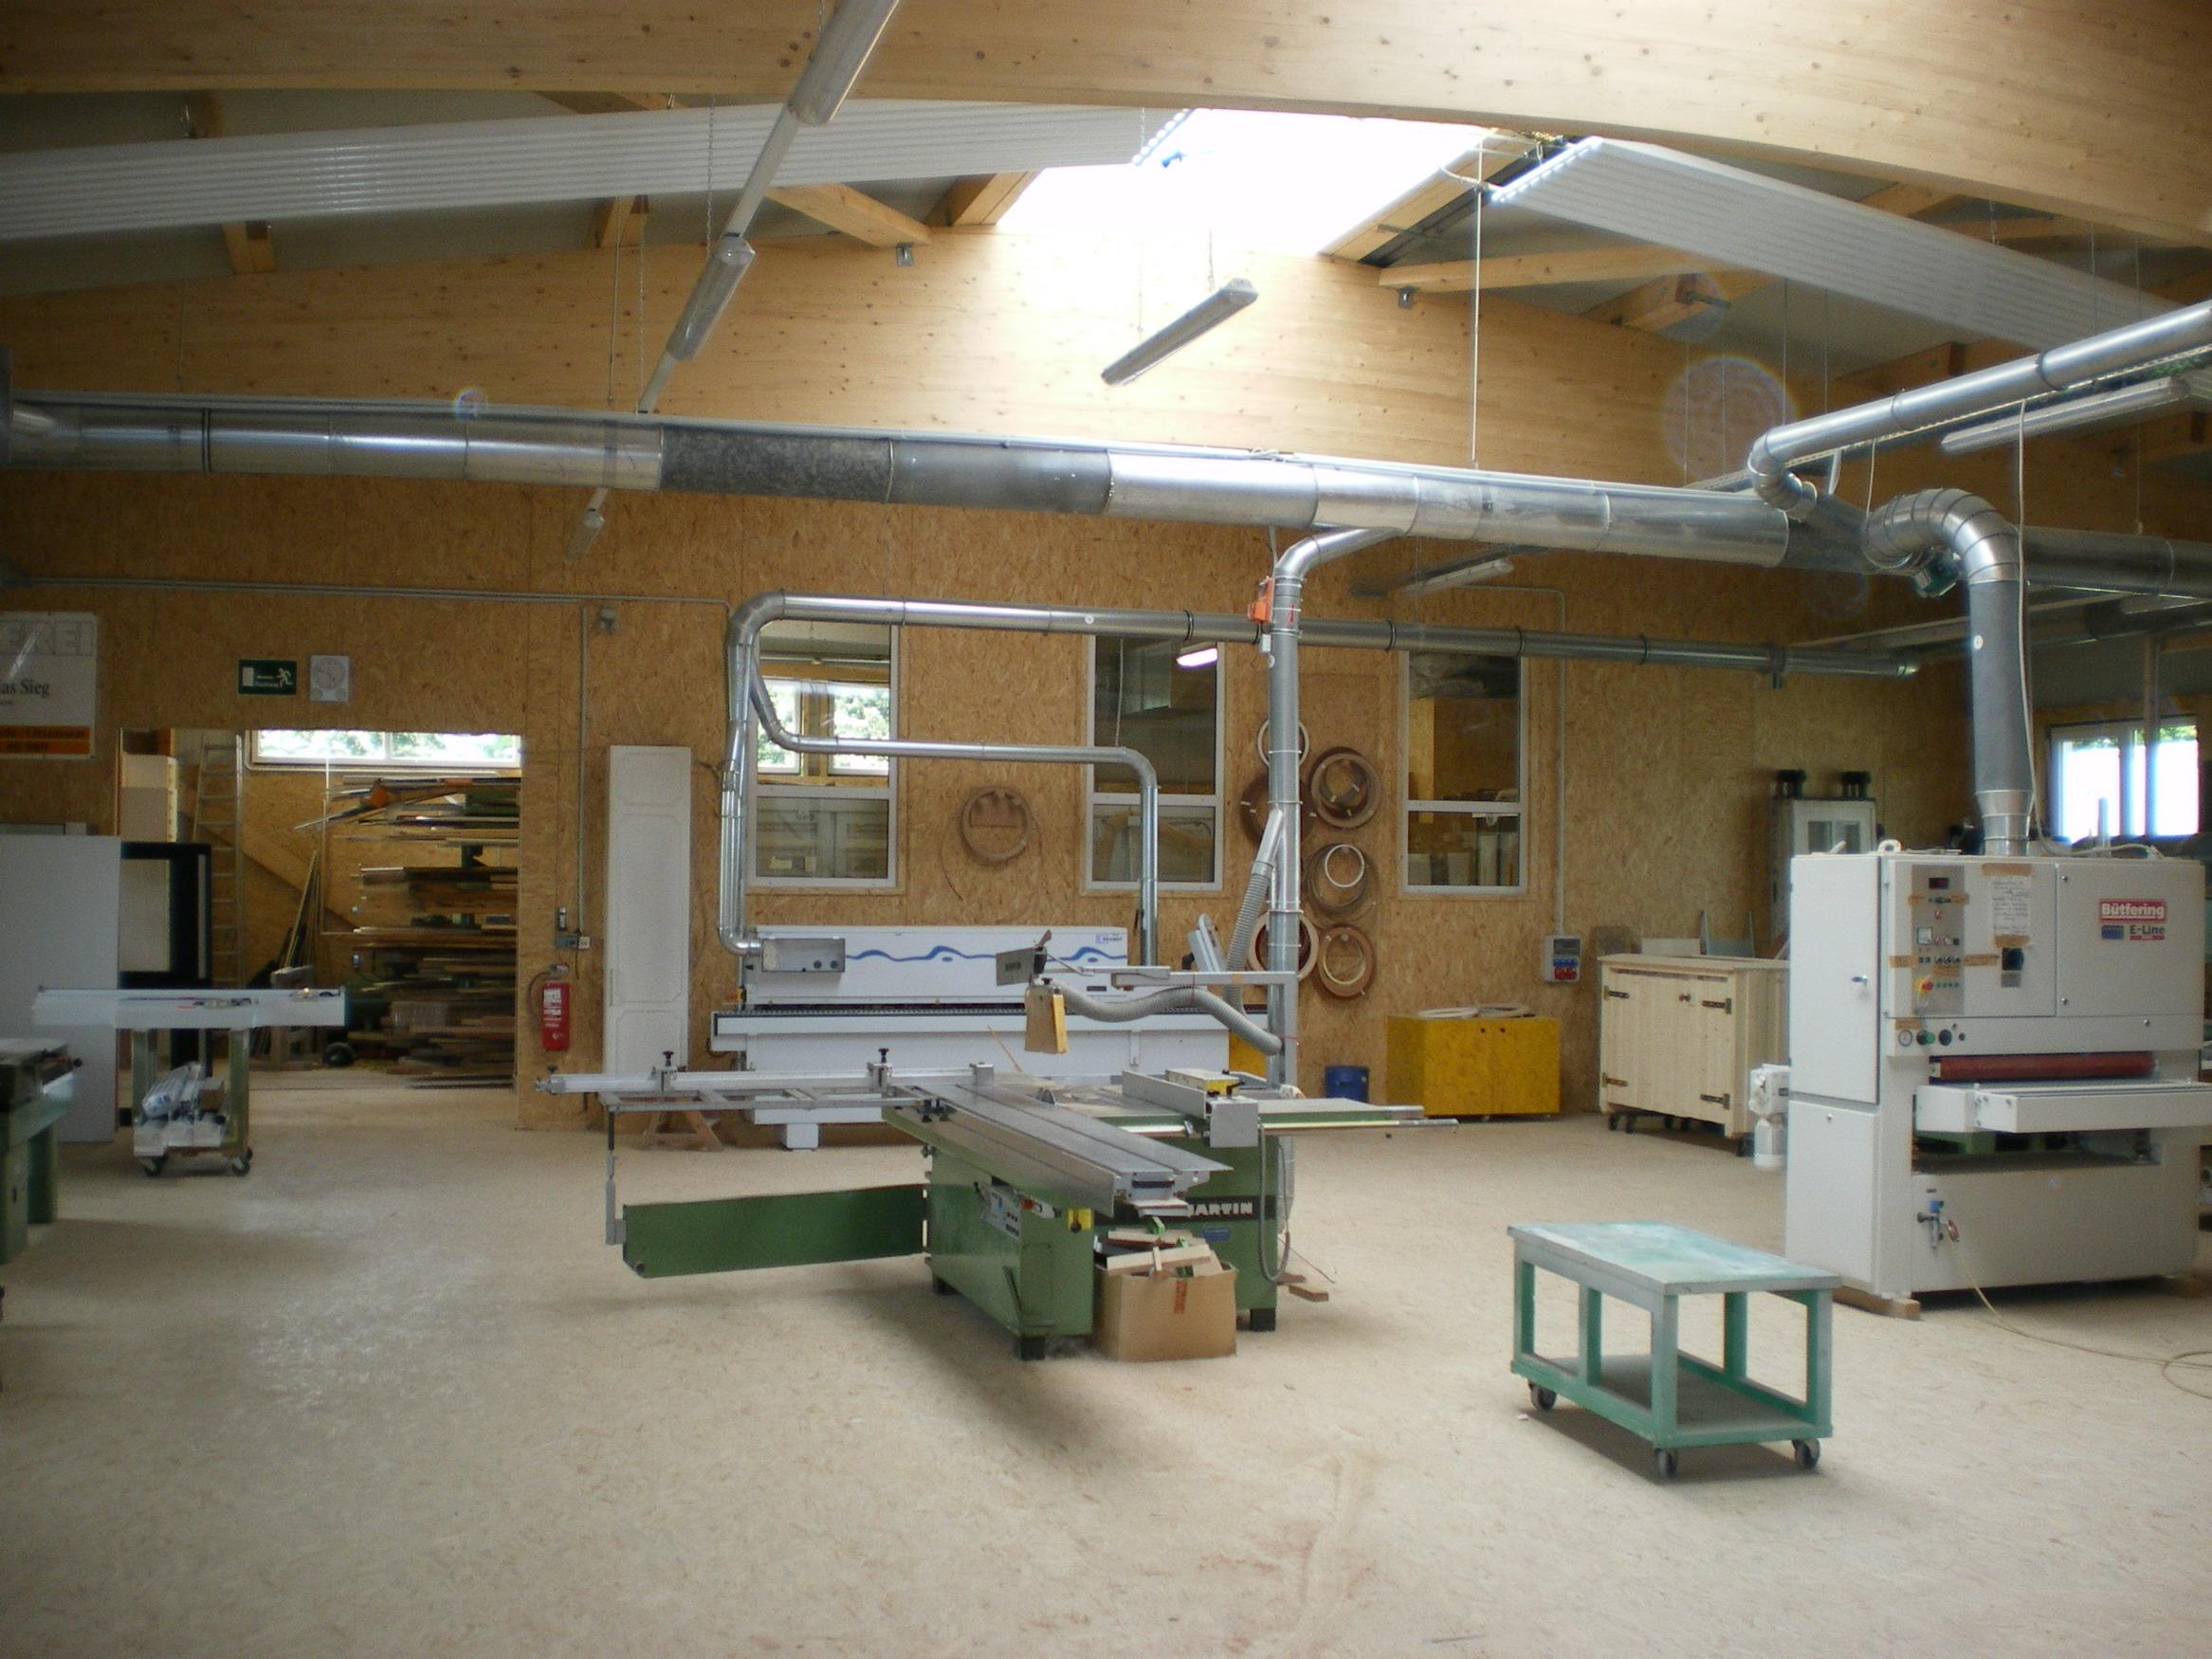 Satteldachbinder Werkstatt Gewerbehalle Leimholz Dachkonstruktion